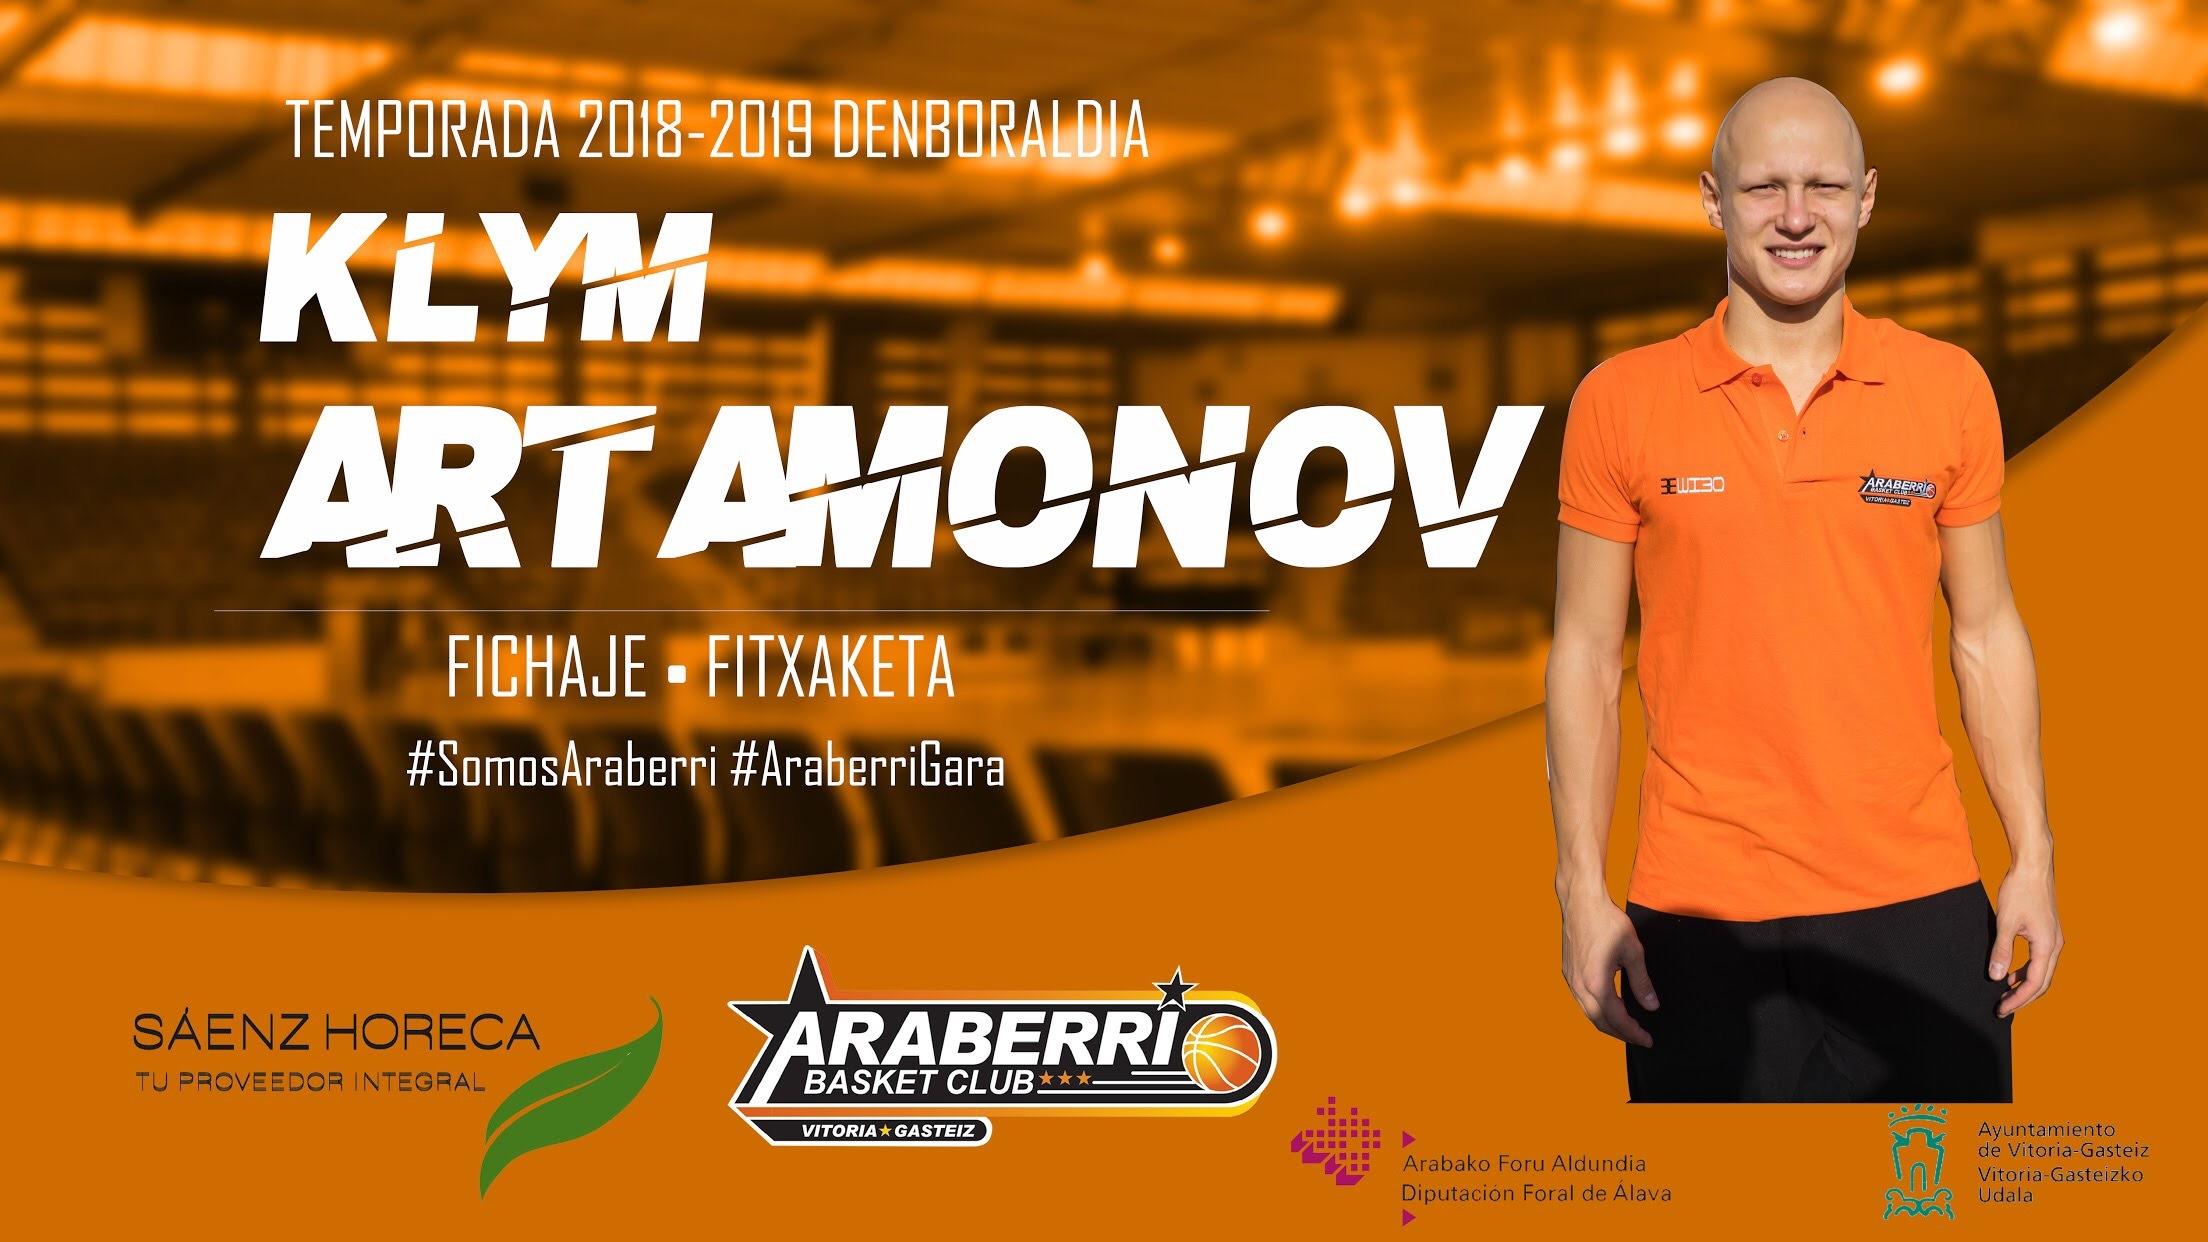 Клим Артамонов продовжить кар'єру в Іспанії